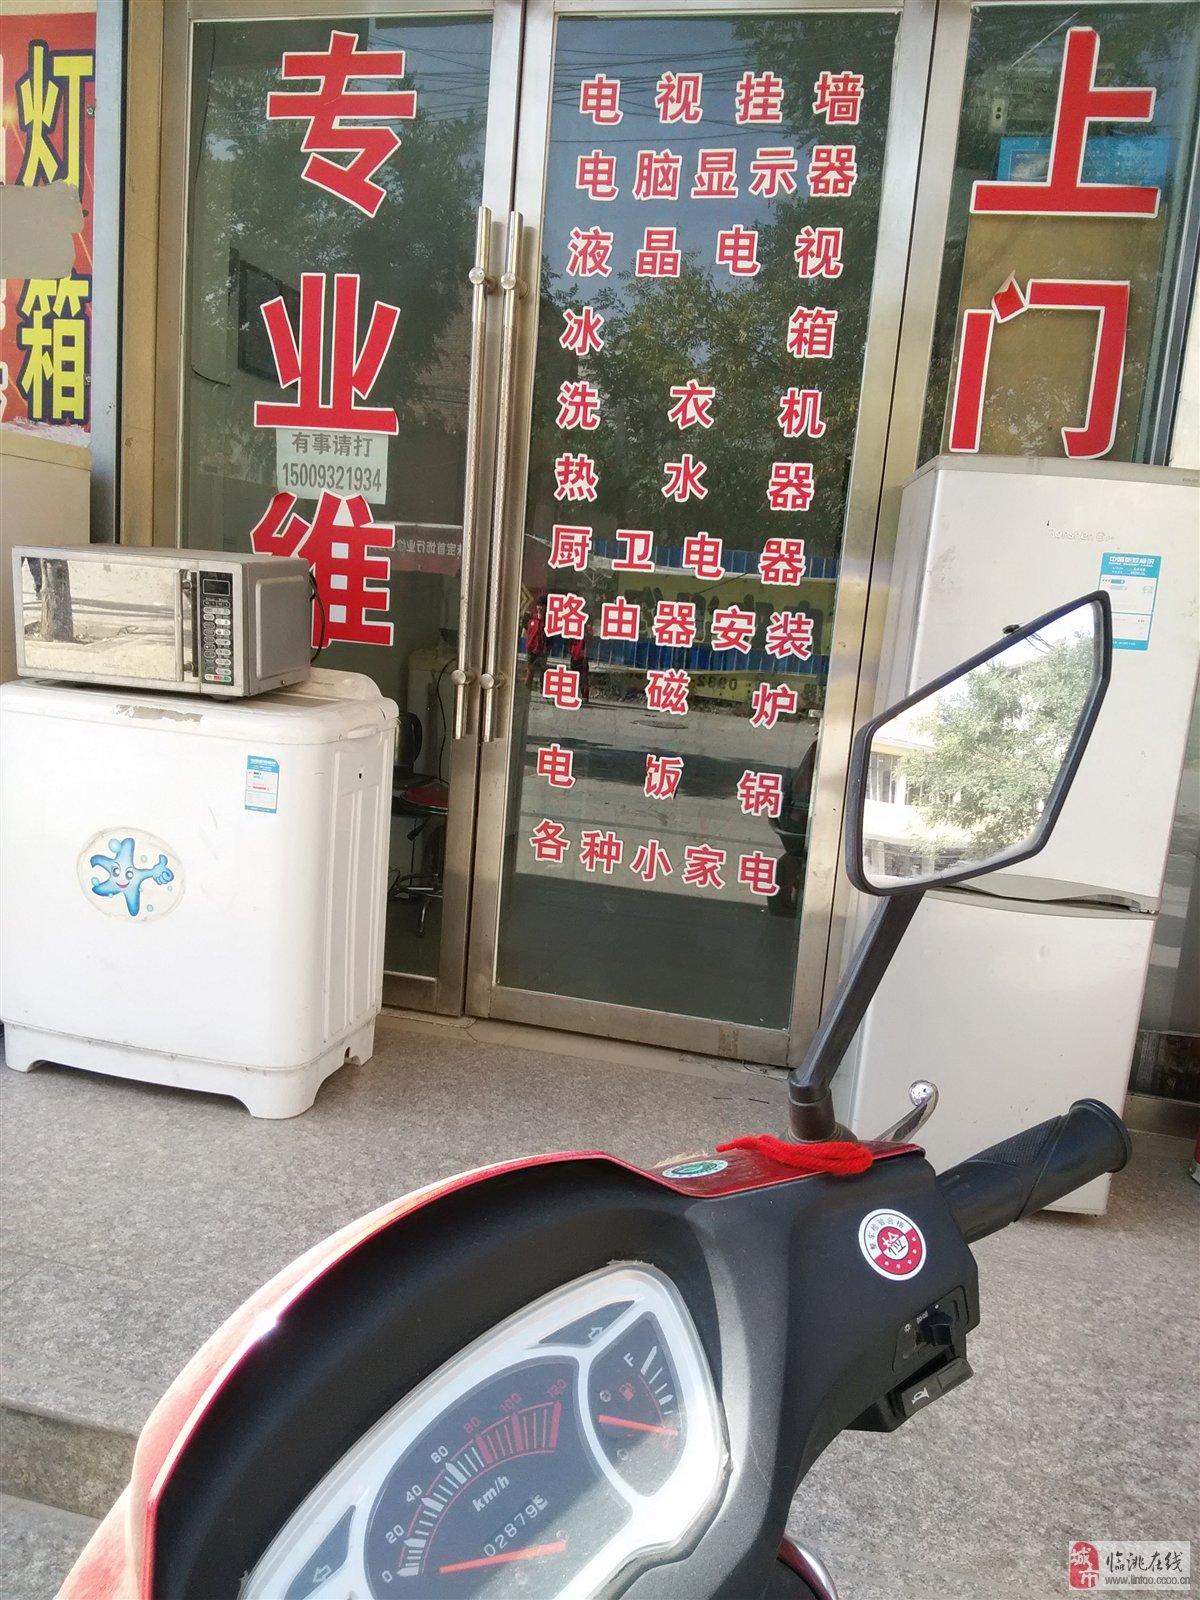 全自动洗衣机,滚筒洗衣机,电风扇,音响,电磁炉,电脑,油烟机,微波炉